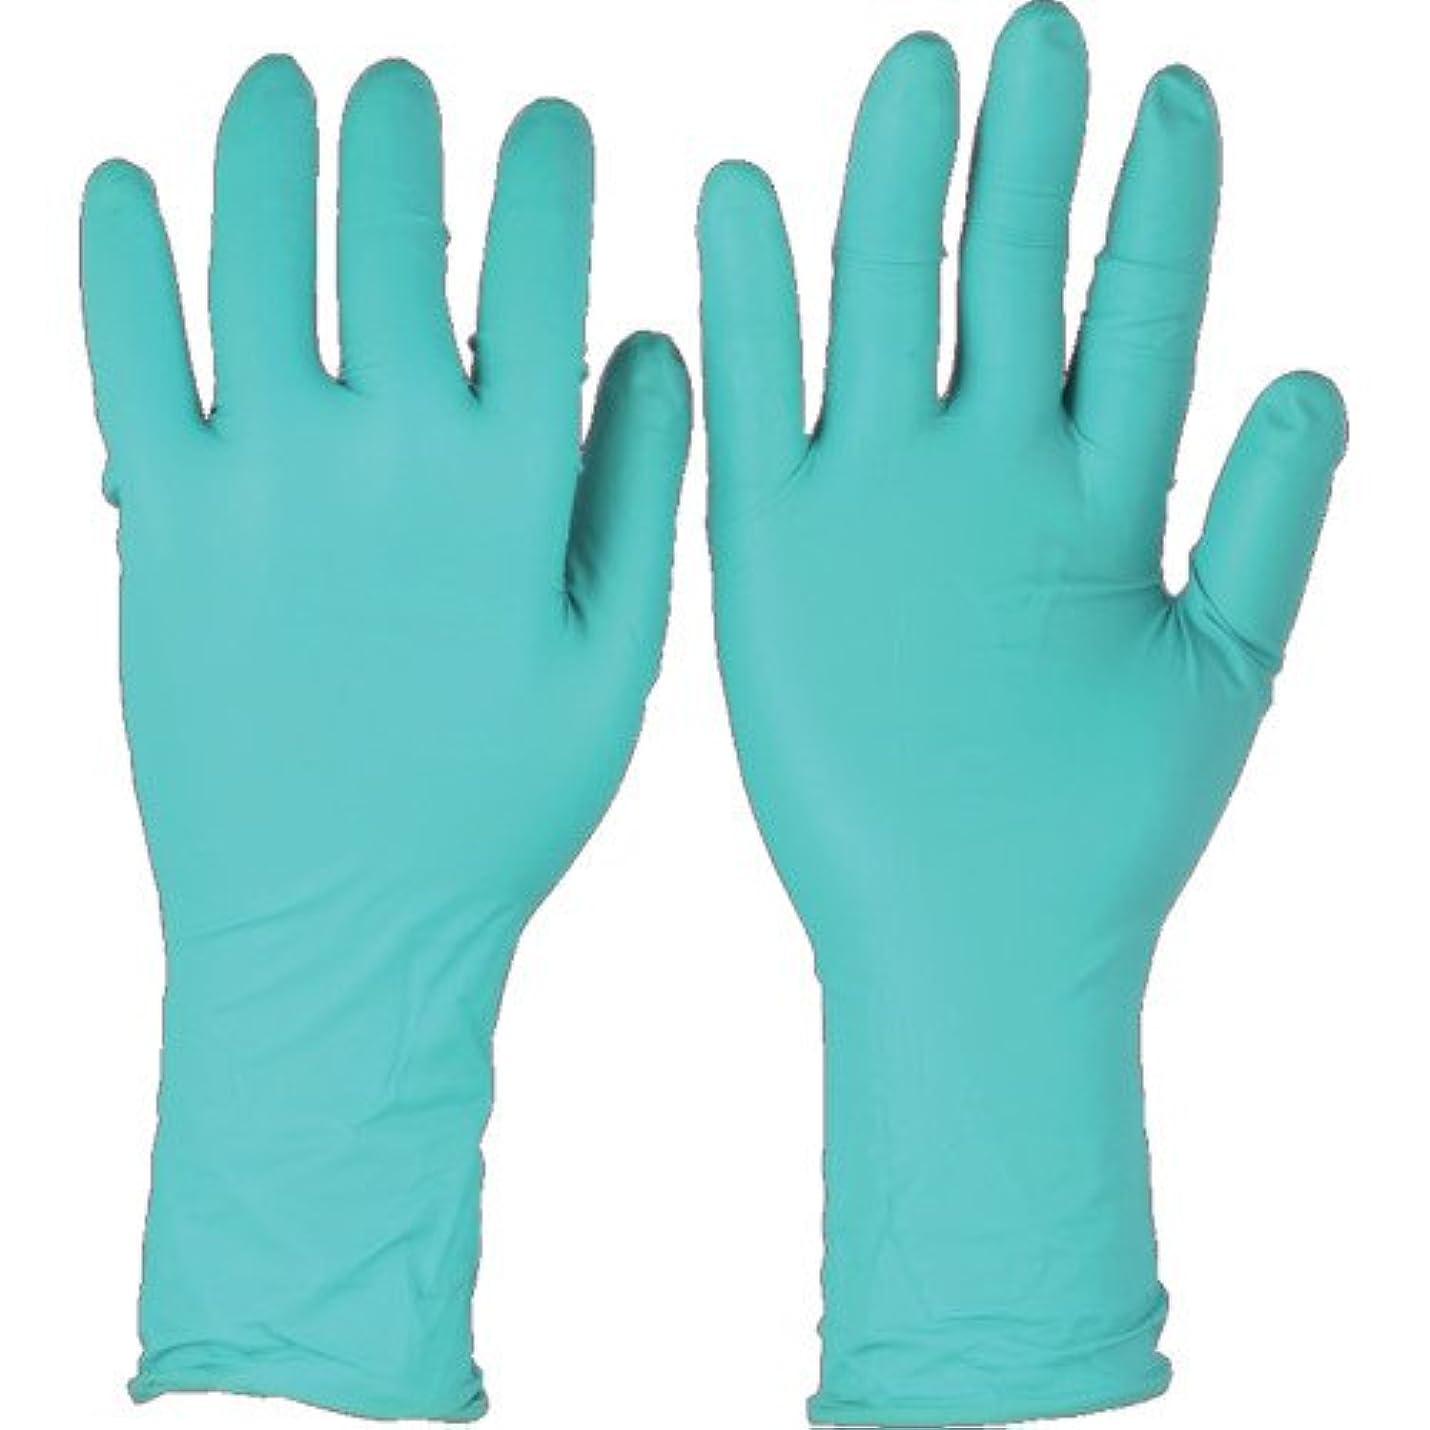 忌避剤分配します上院アンセル ネオプレンゴム使い捨て手袋 マイクロフレックスXXLサイ 50枚入 93260-11